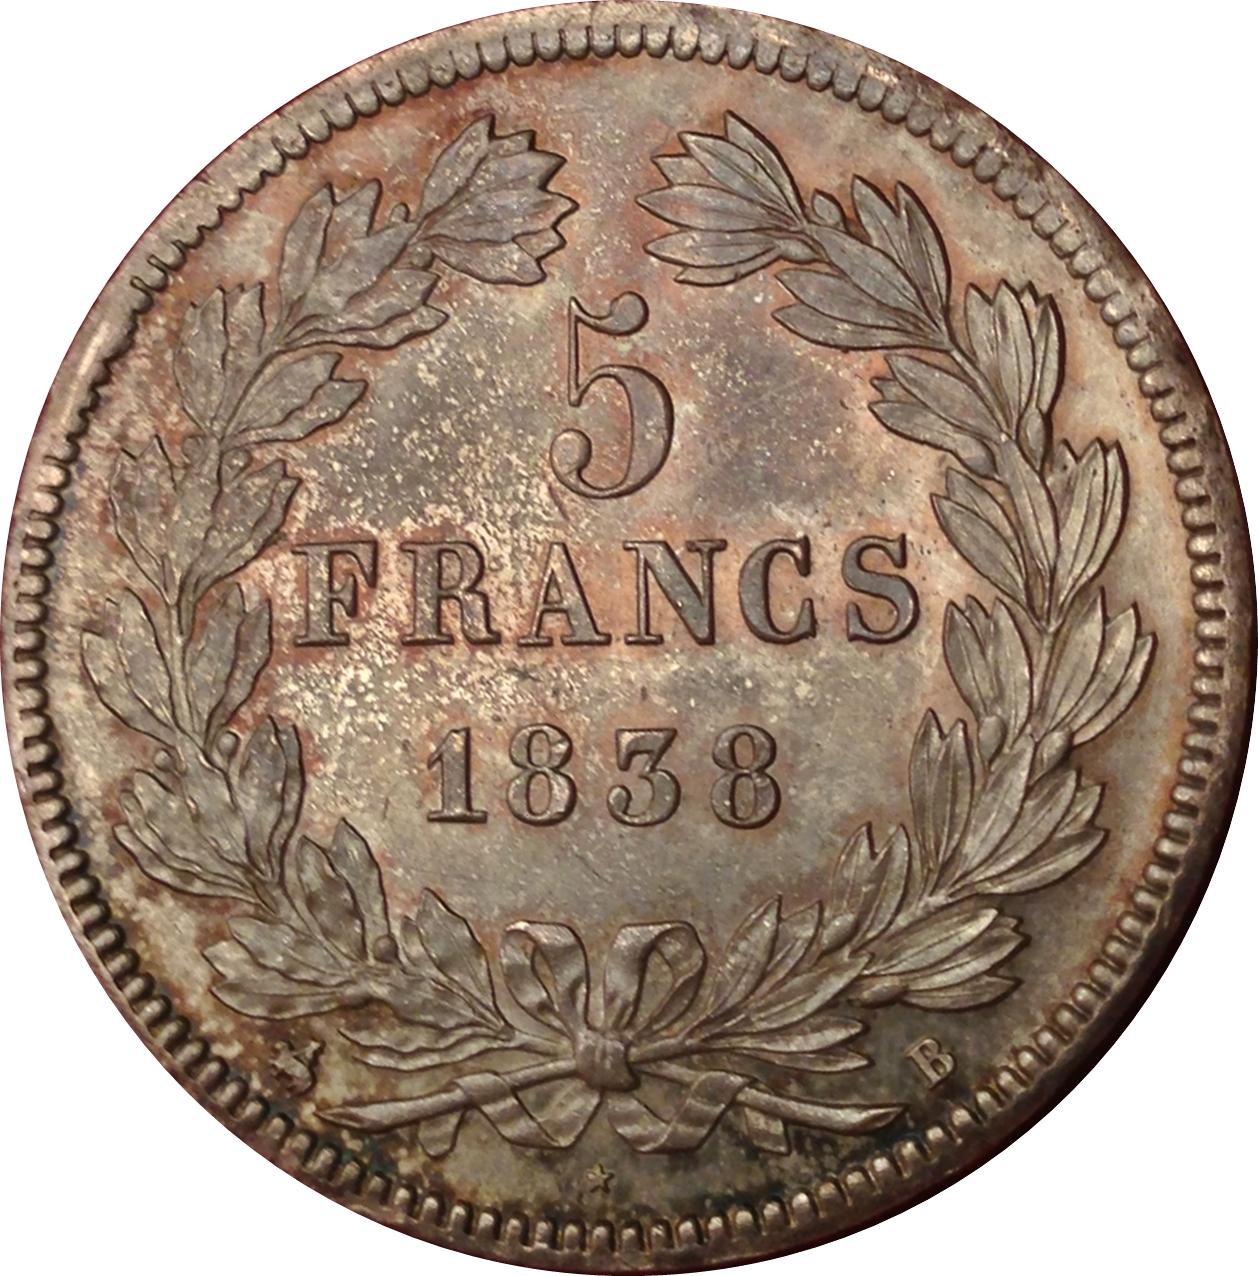 5 Francs Louis Philippe I Tete Lauree Tranche En Relief France